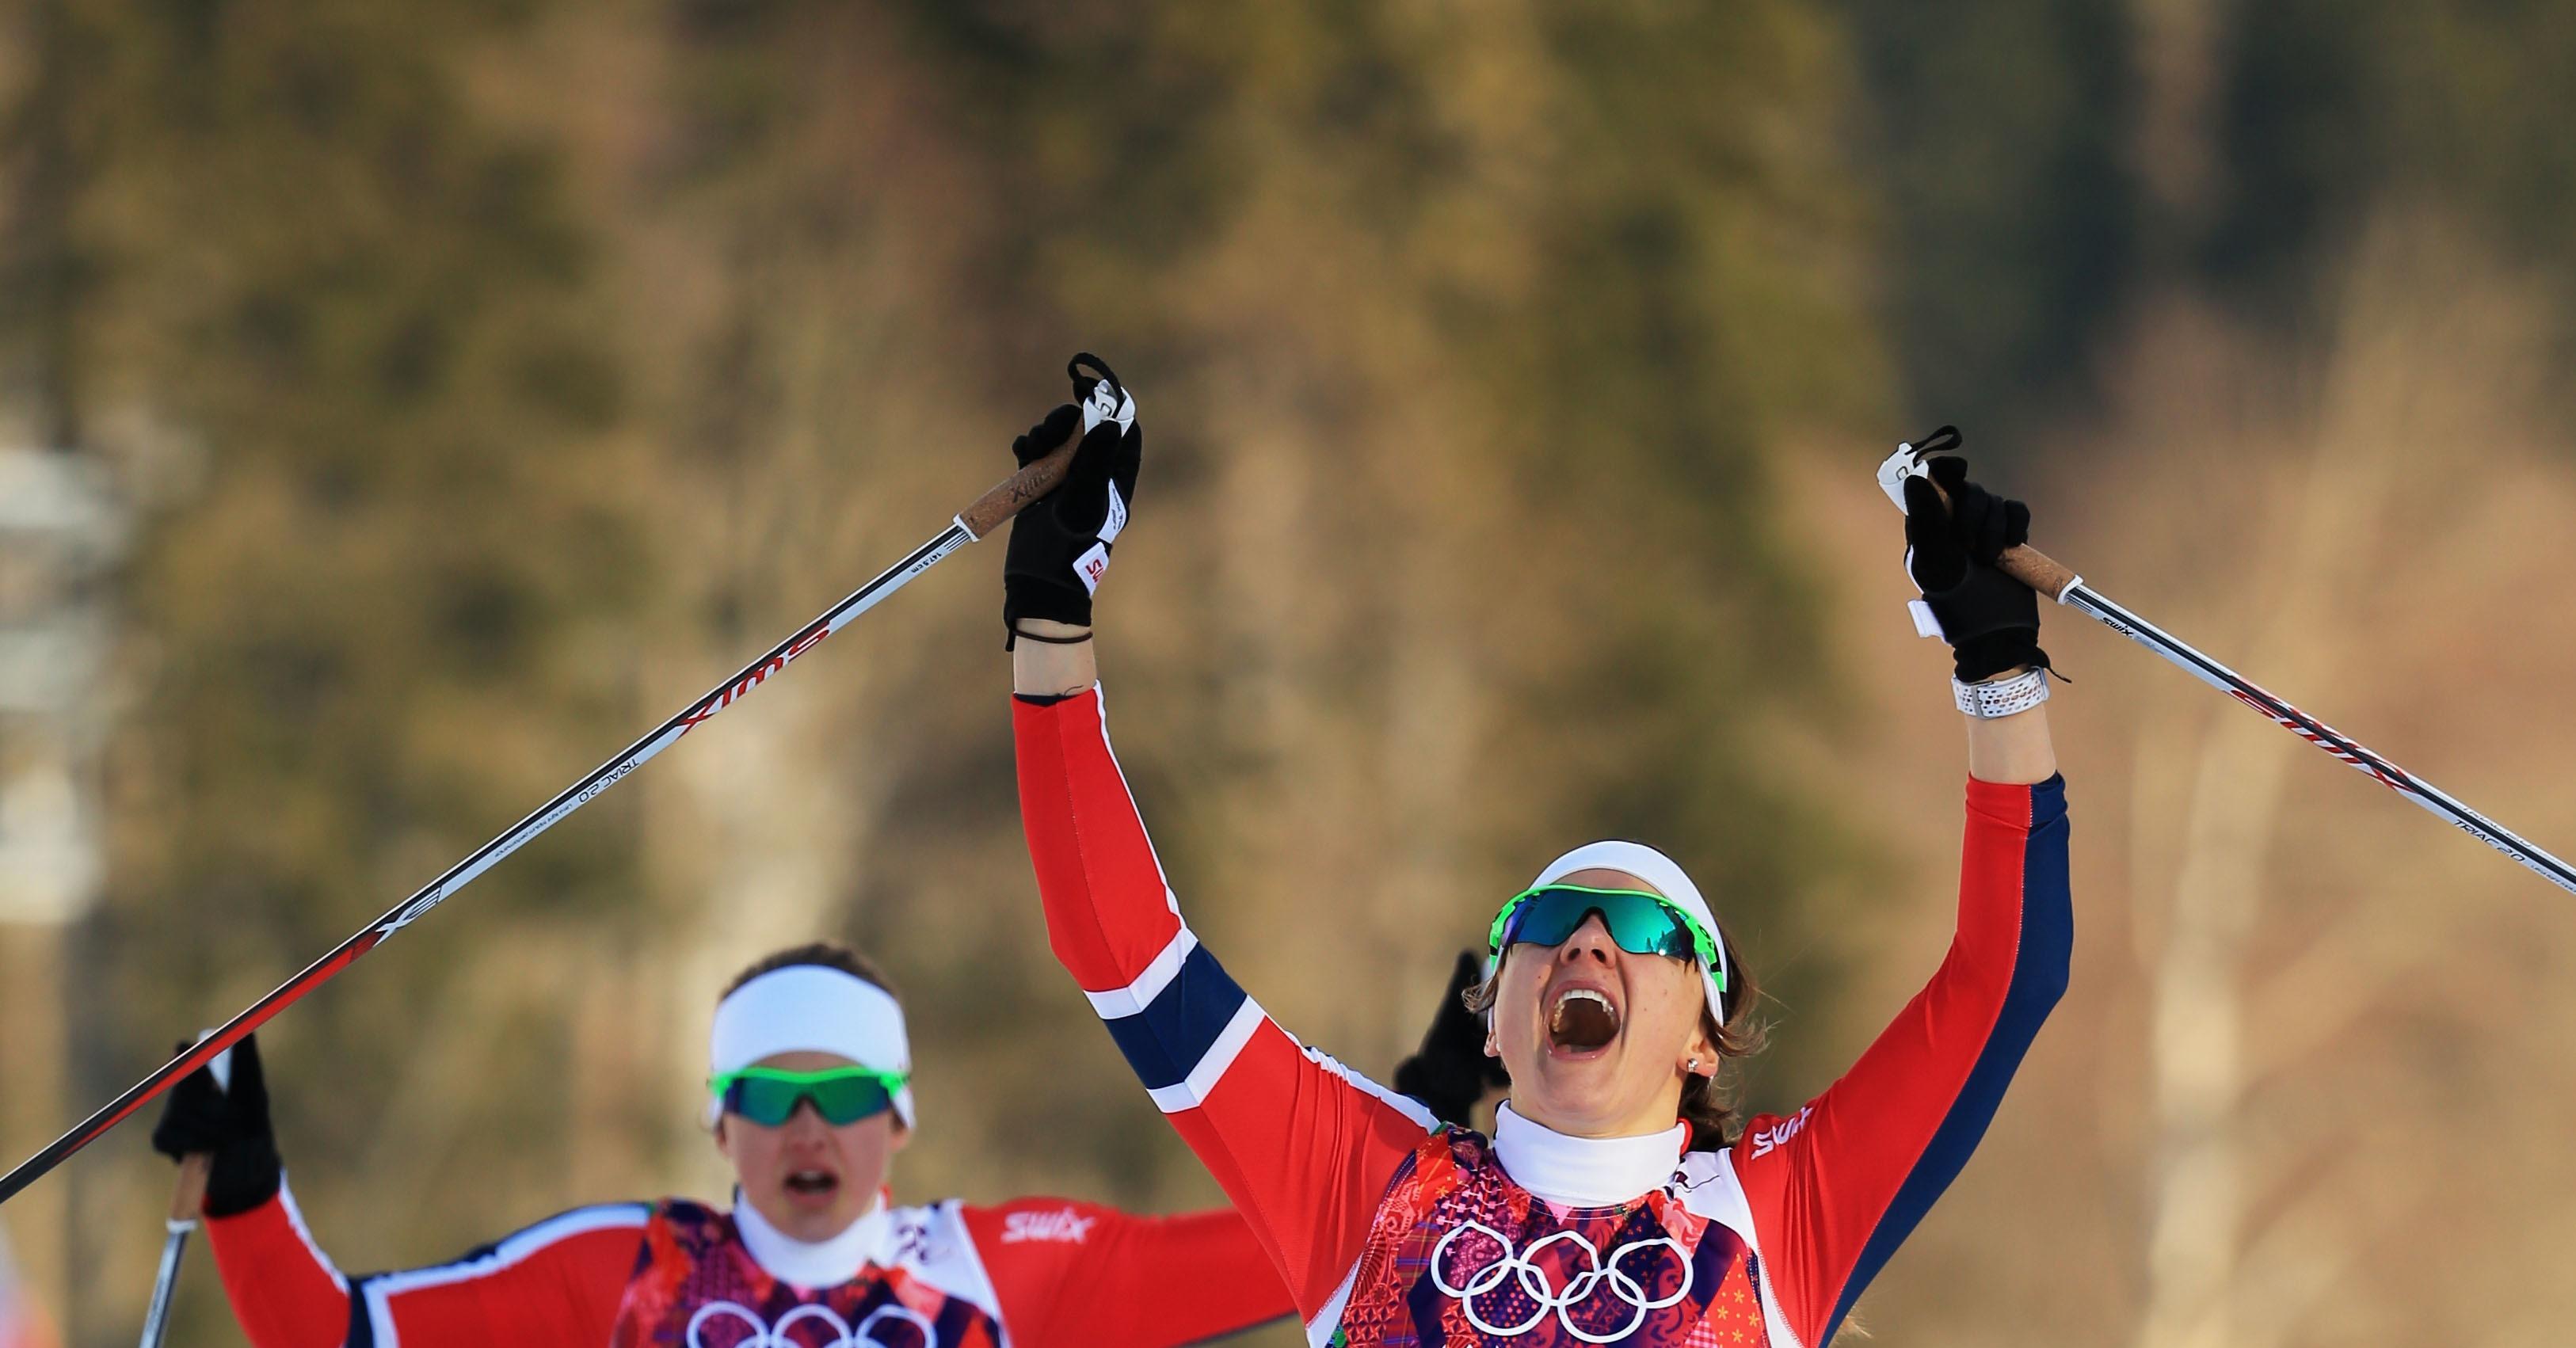 Лыжные гонки смешные картинки, открыток